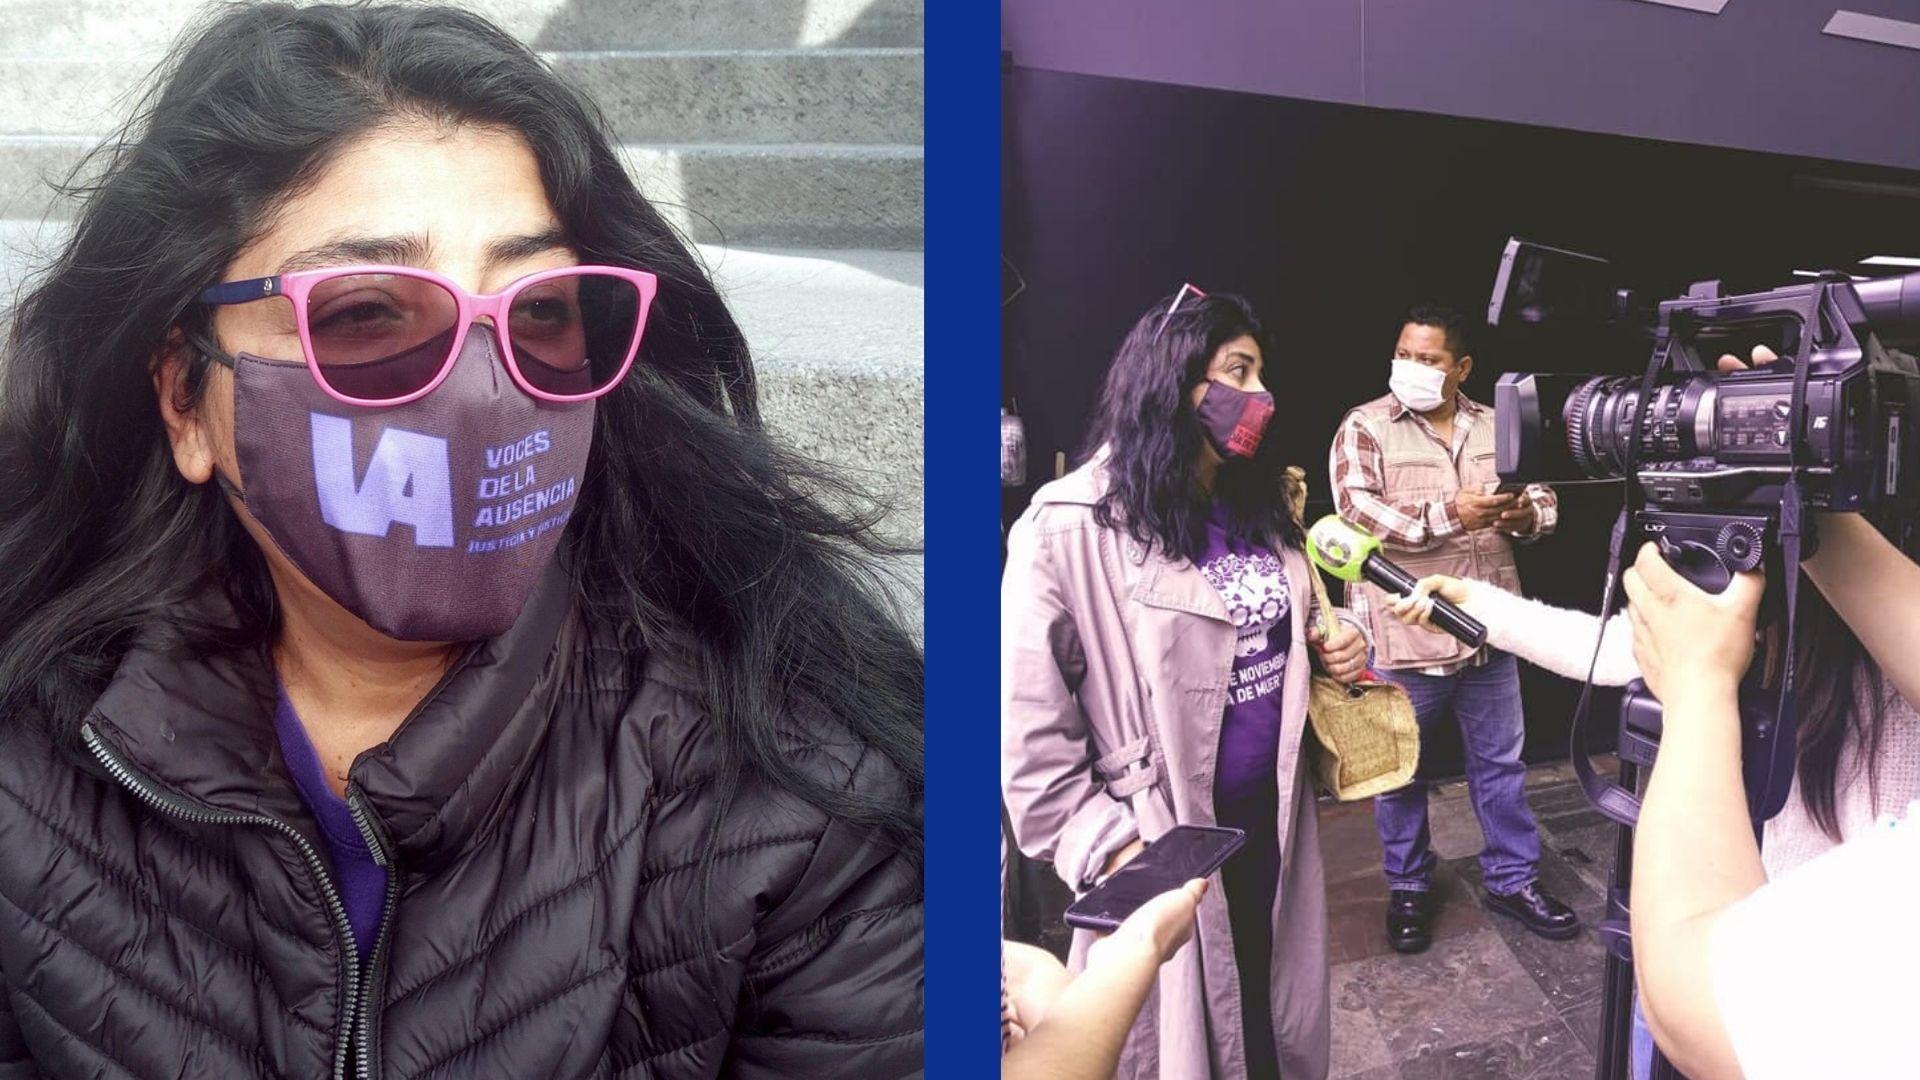 frida guerrera giornalista messicana donne